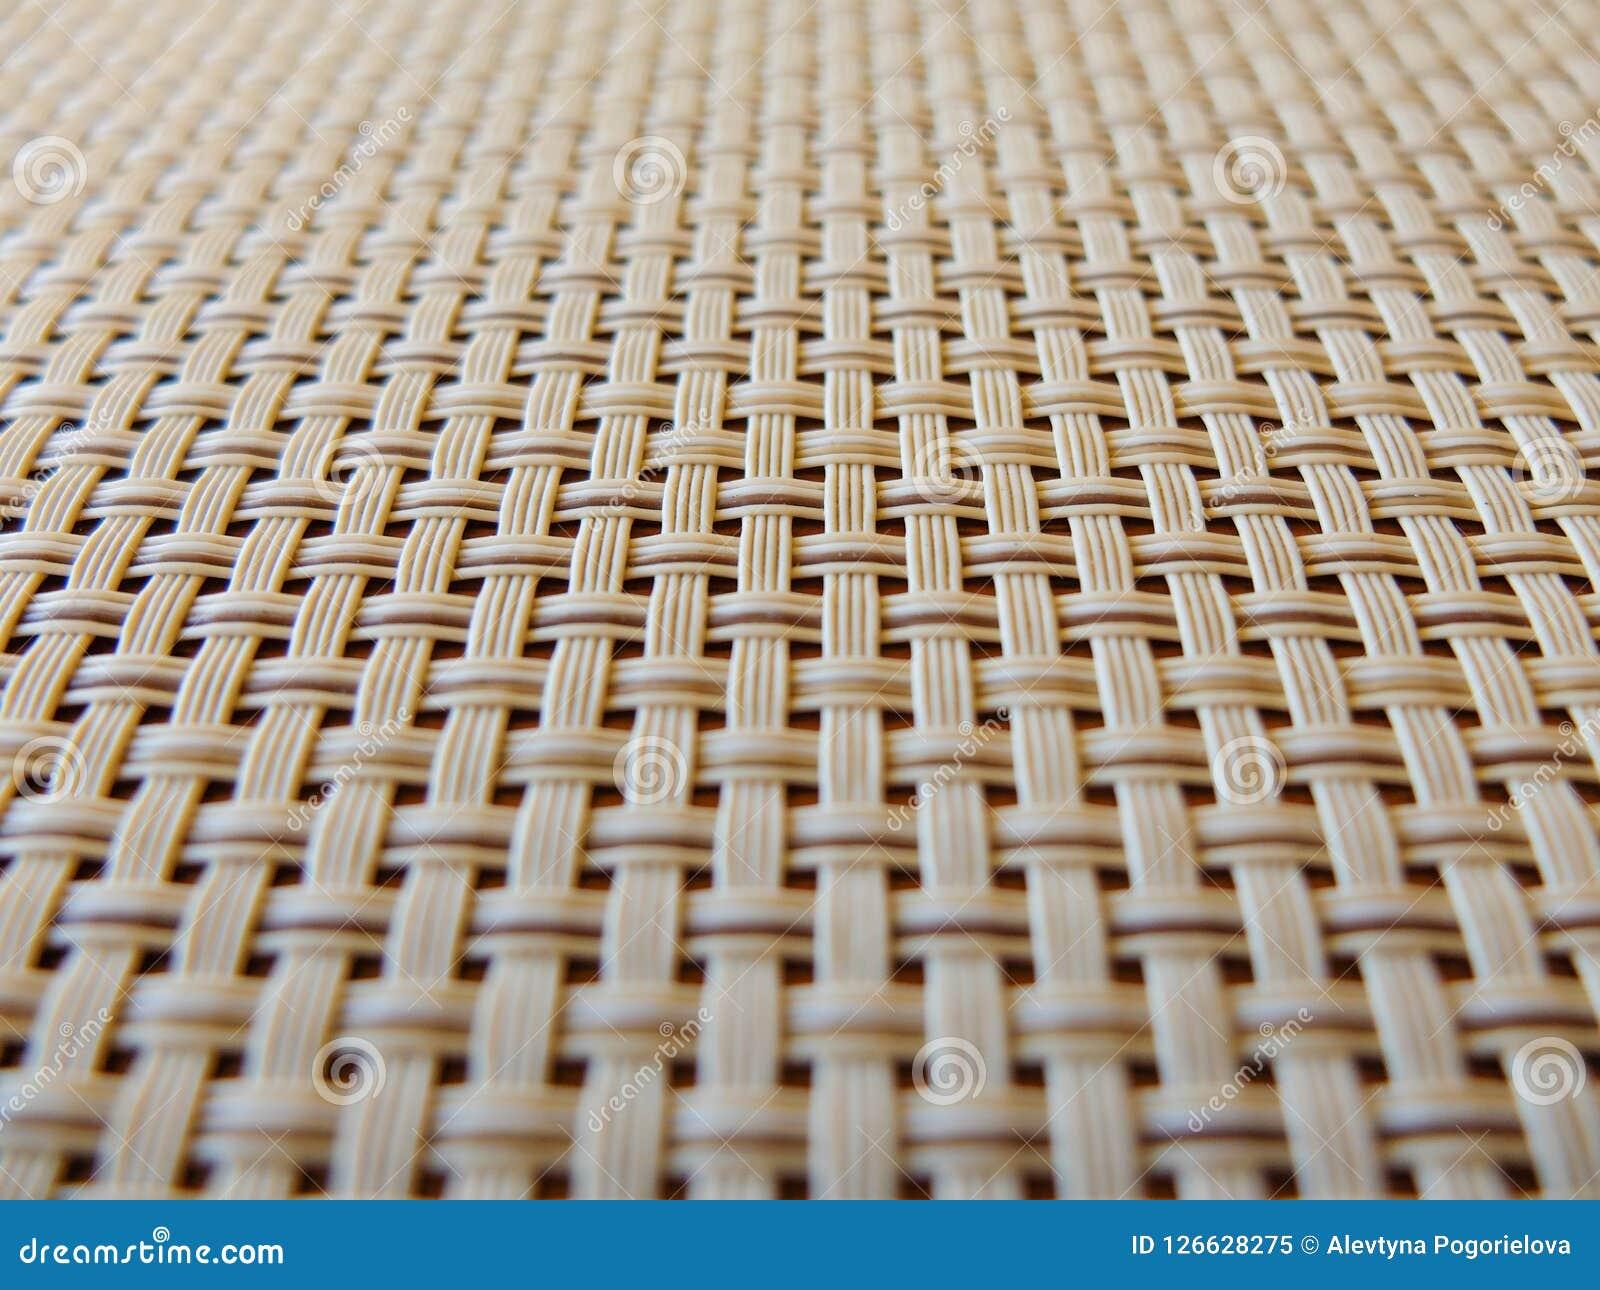 Zakończenie beżowej tkaniny plastikowa kratownica, siatki tekstura; wzór horyzontalne i pionowo przetykać linie może używać jako